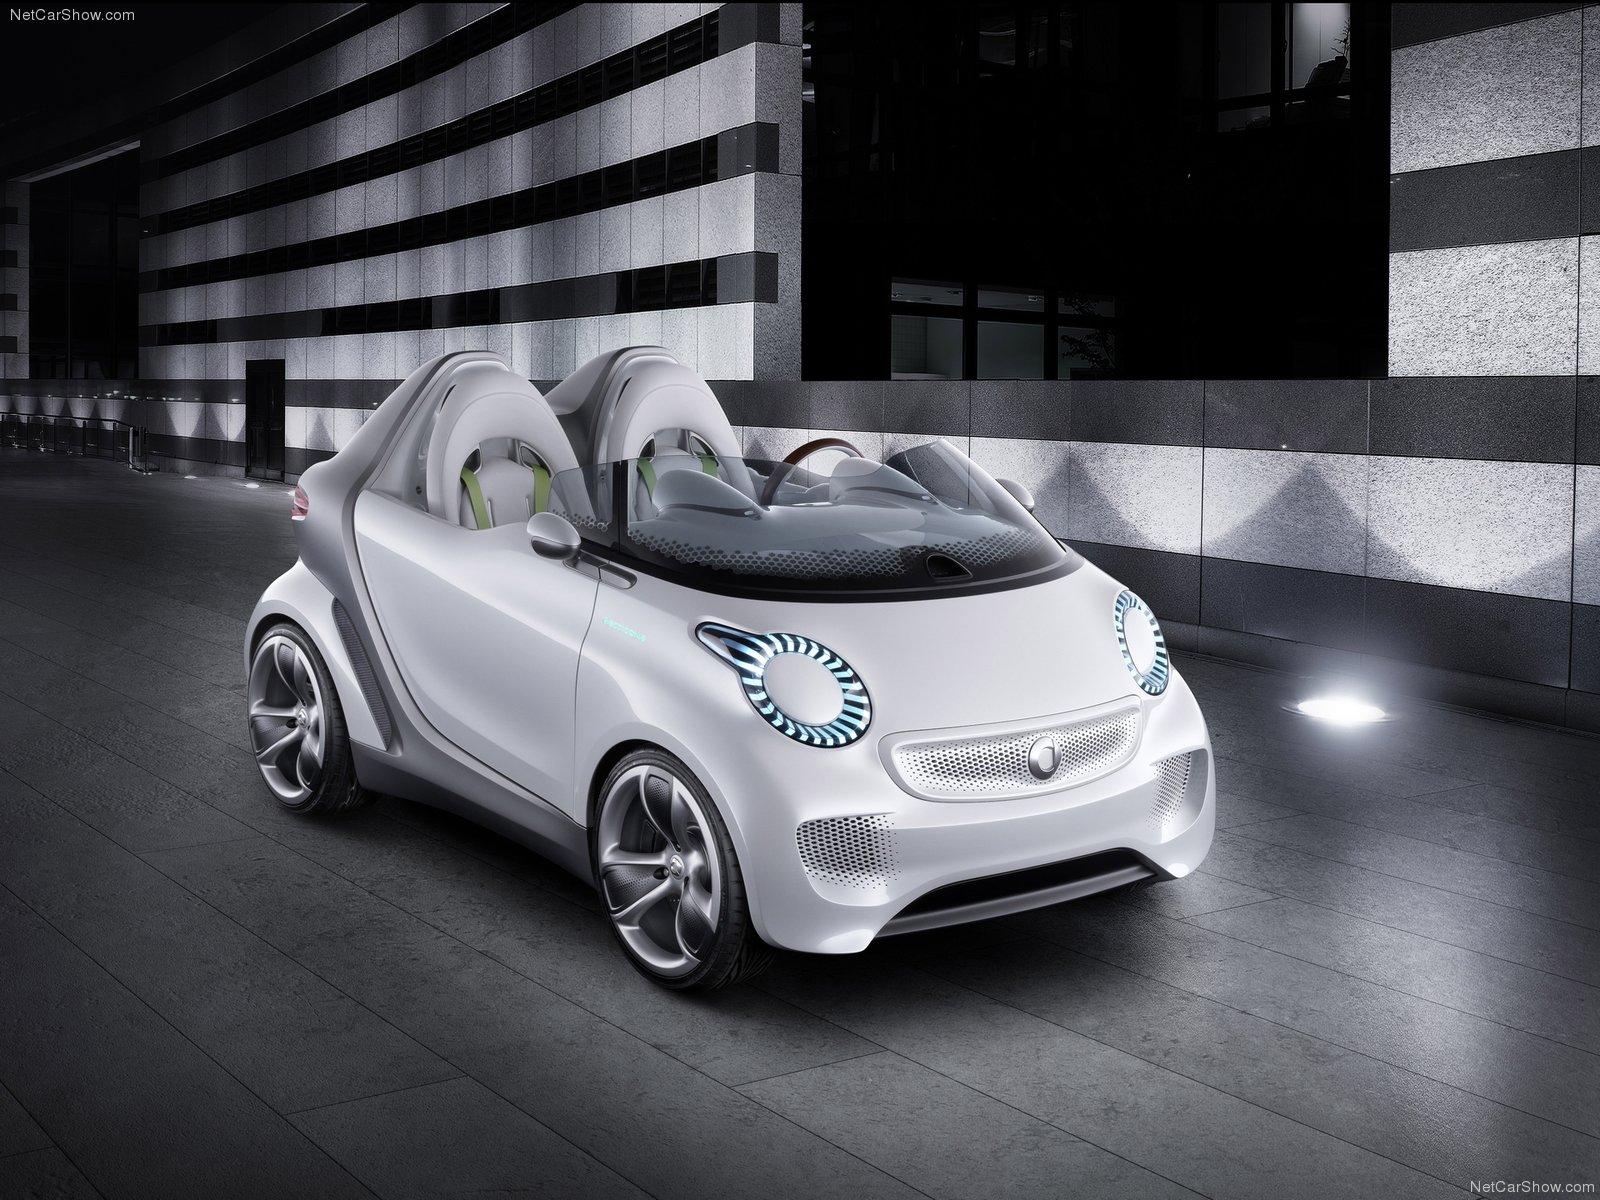 Hình ảnh xe ô tô Smart forspeed Concept 2011 & nội ngoại thất